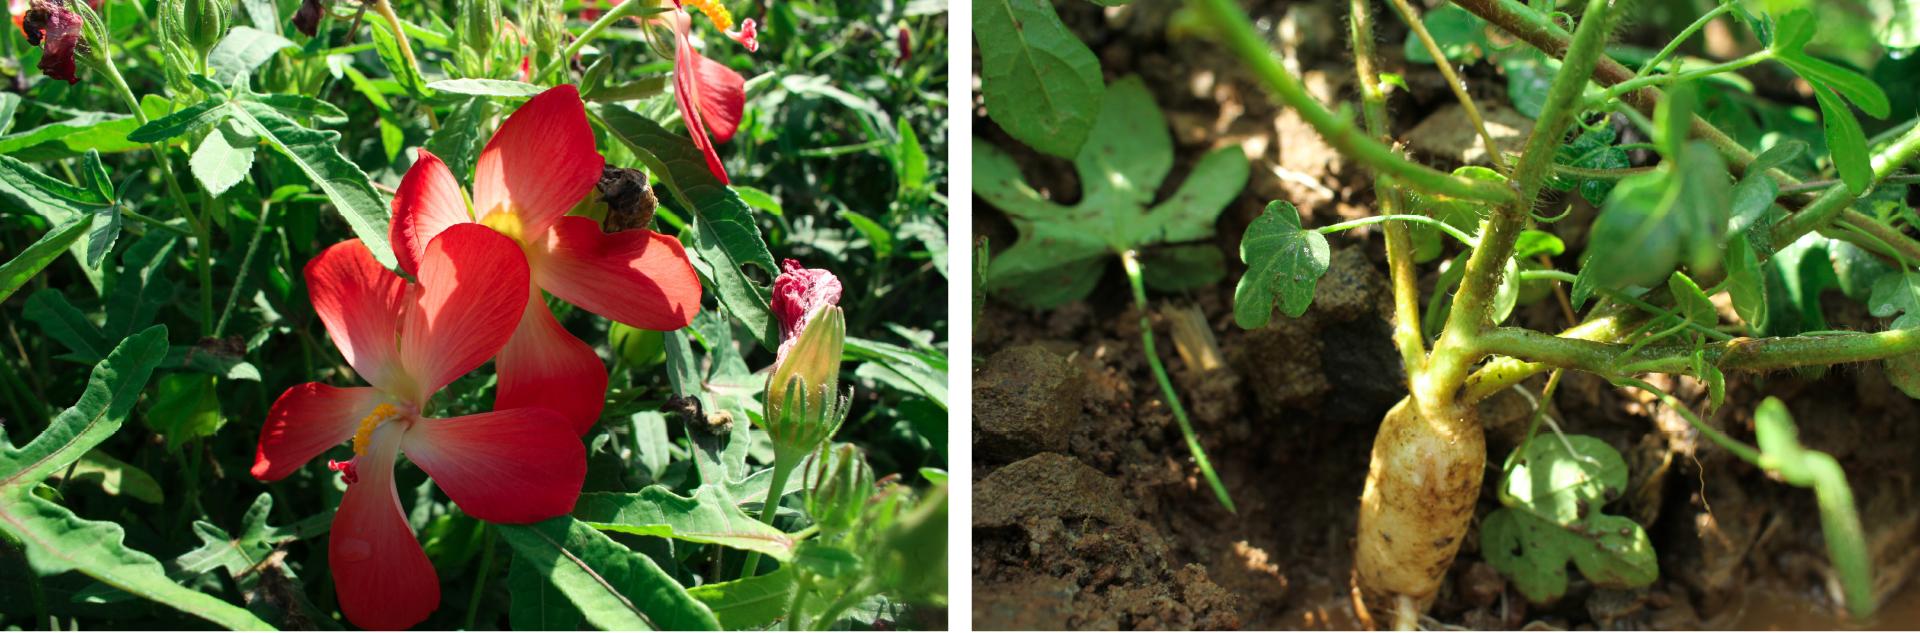 Sâm Bố Chính nở hoa rực rỡ trên đất Quảng Ngãi ảnh 12